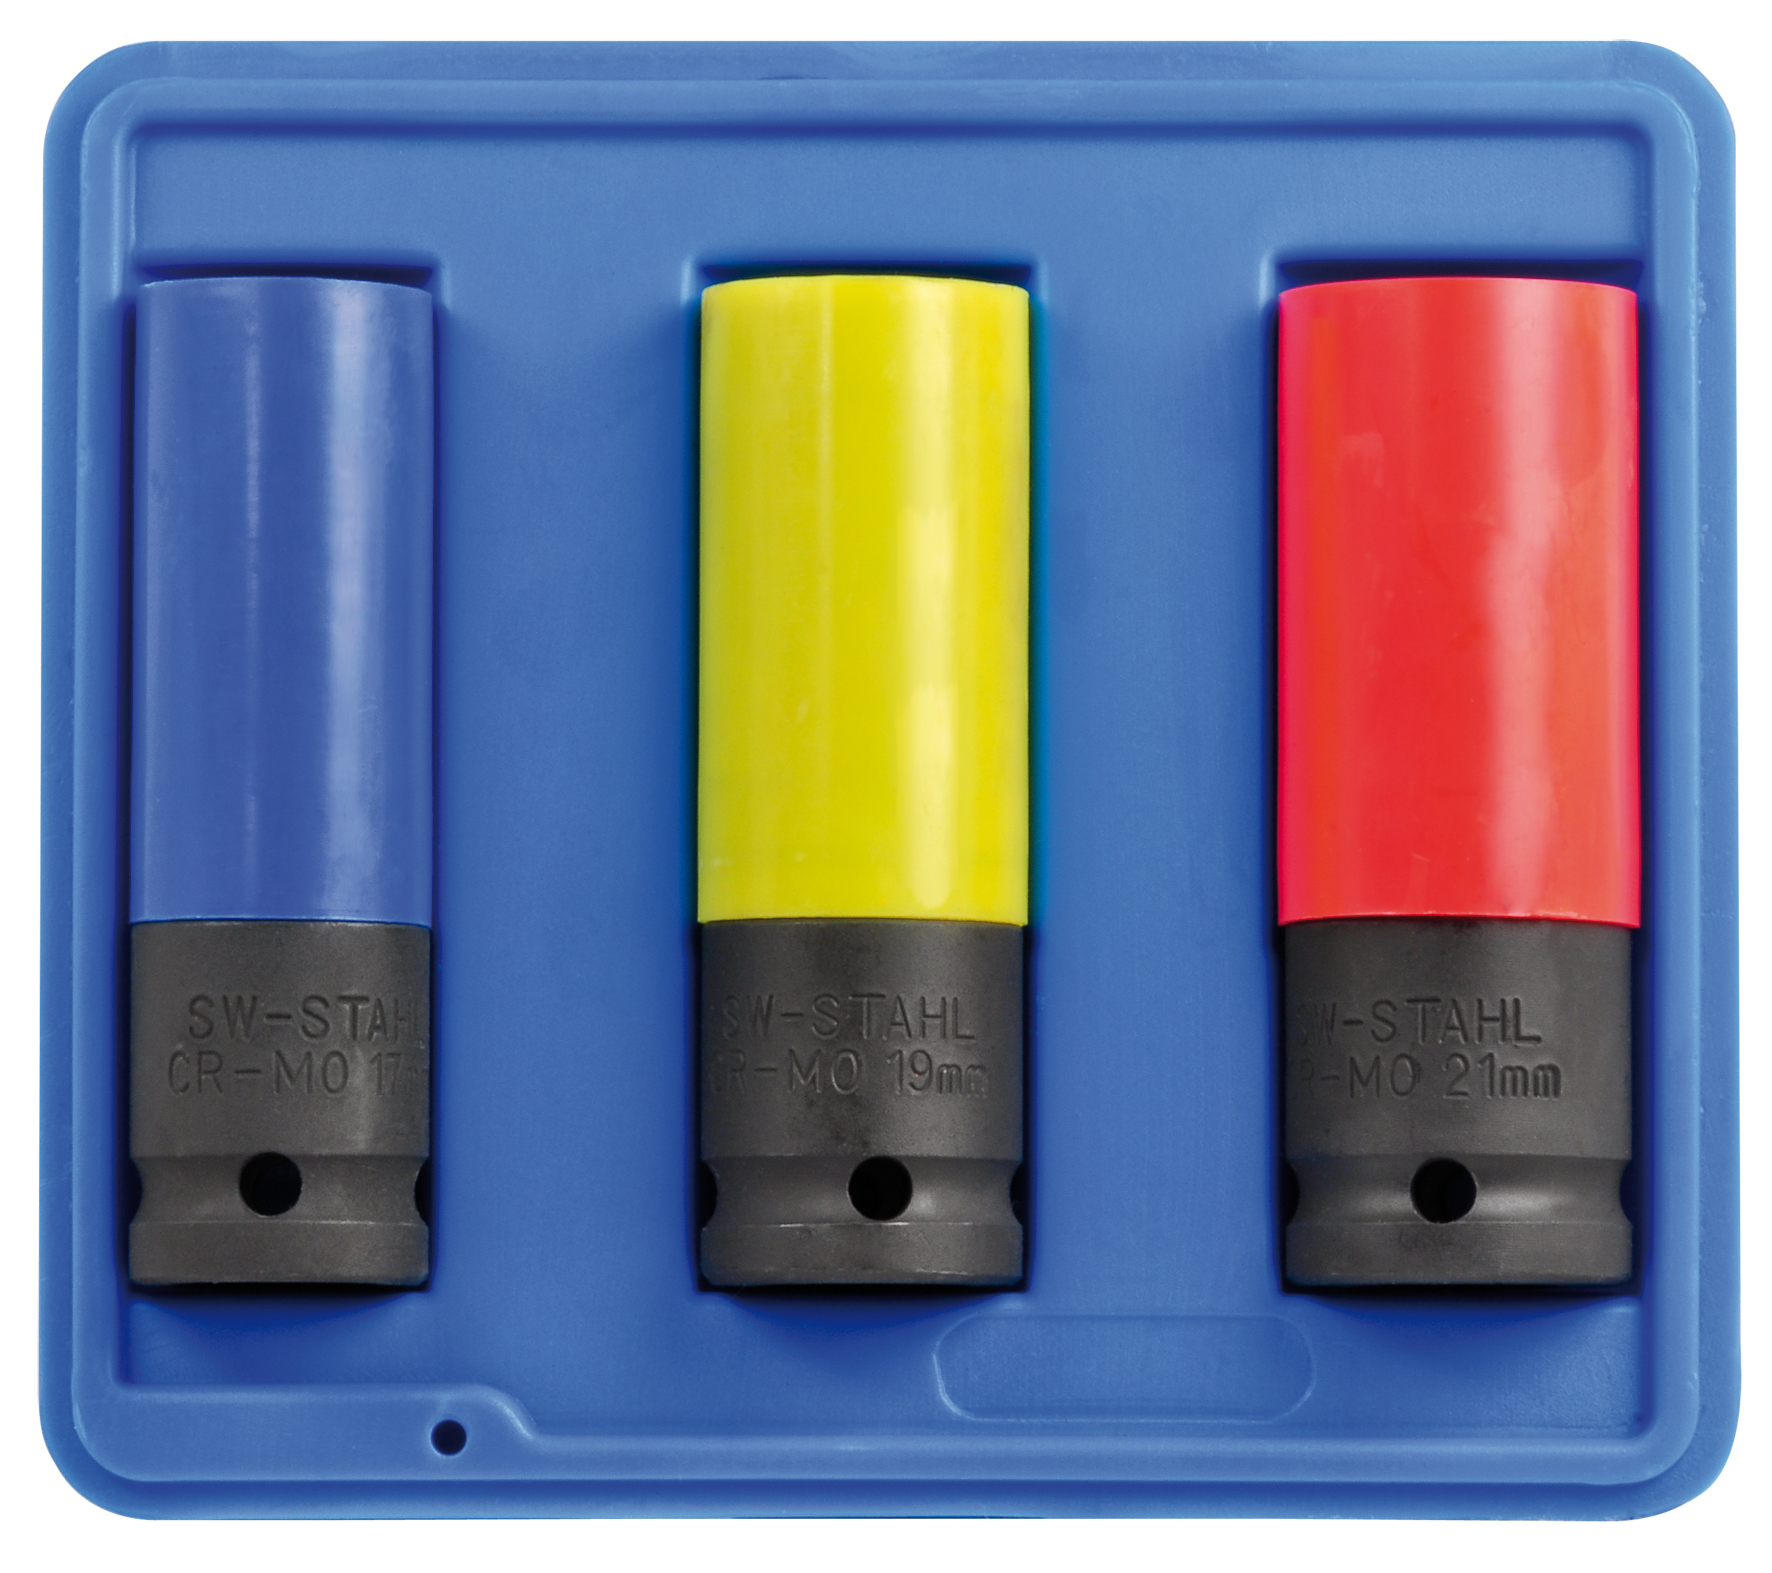 SWSTAHL Radmutterneinsätze, 1/2 Zoll, 17-21 mm, 3-teilig 07870L